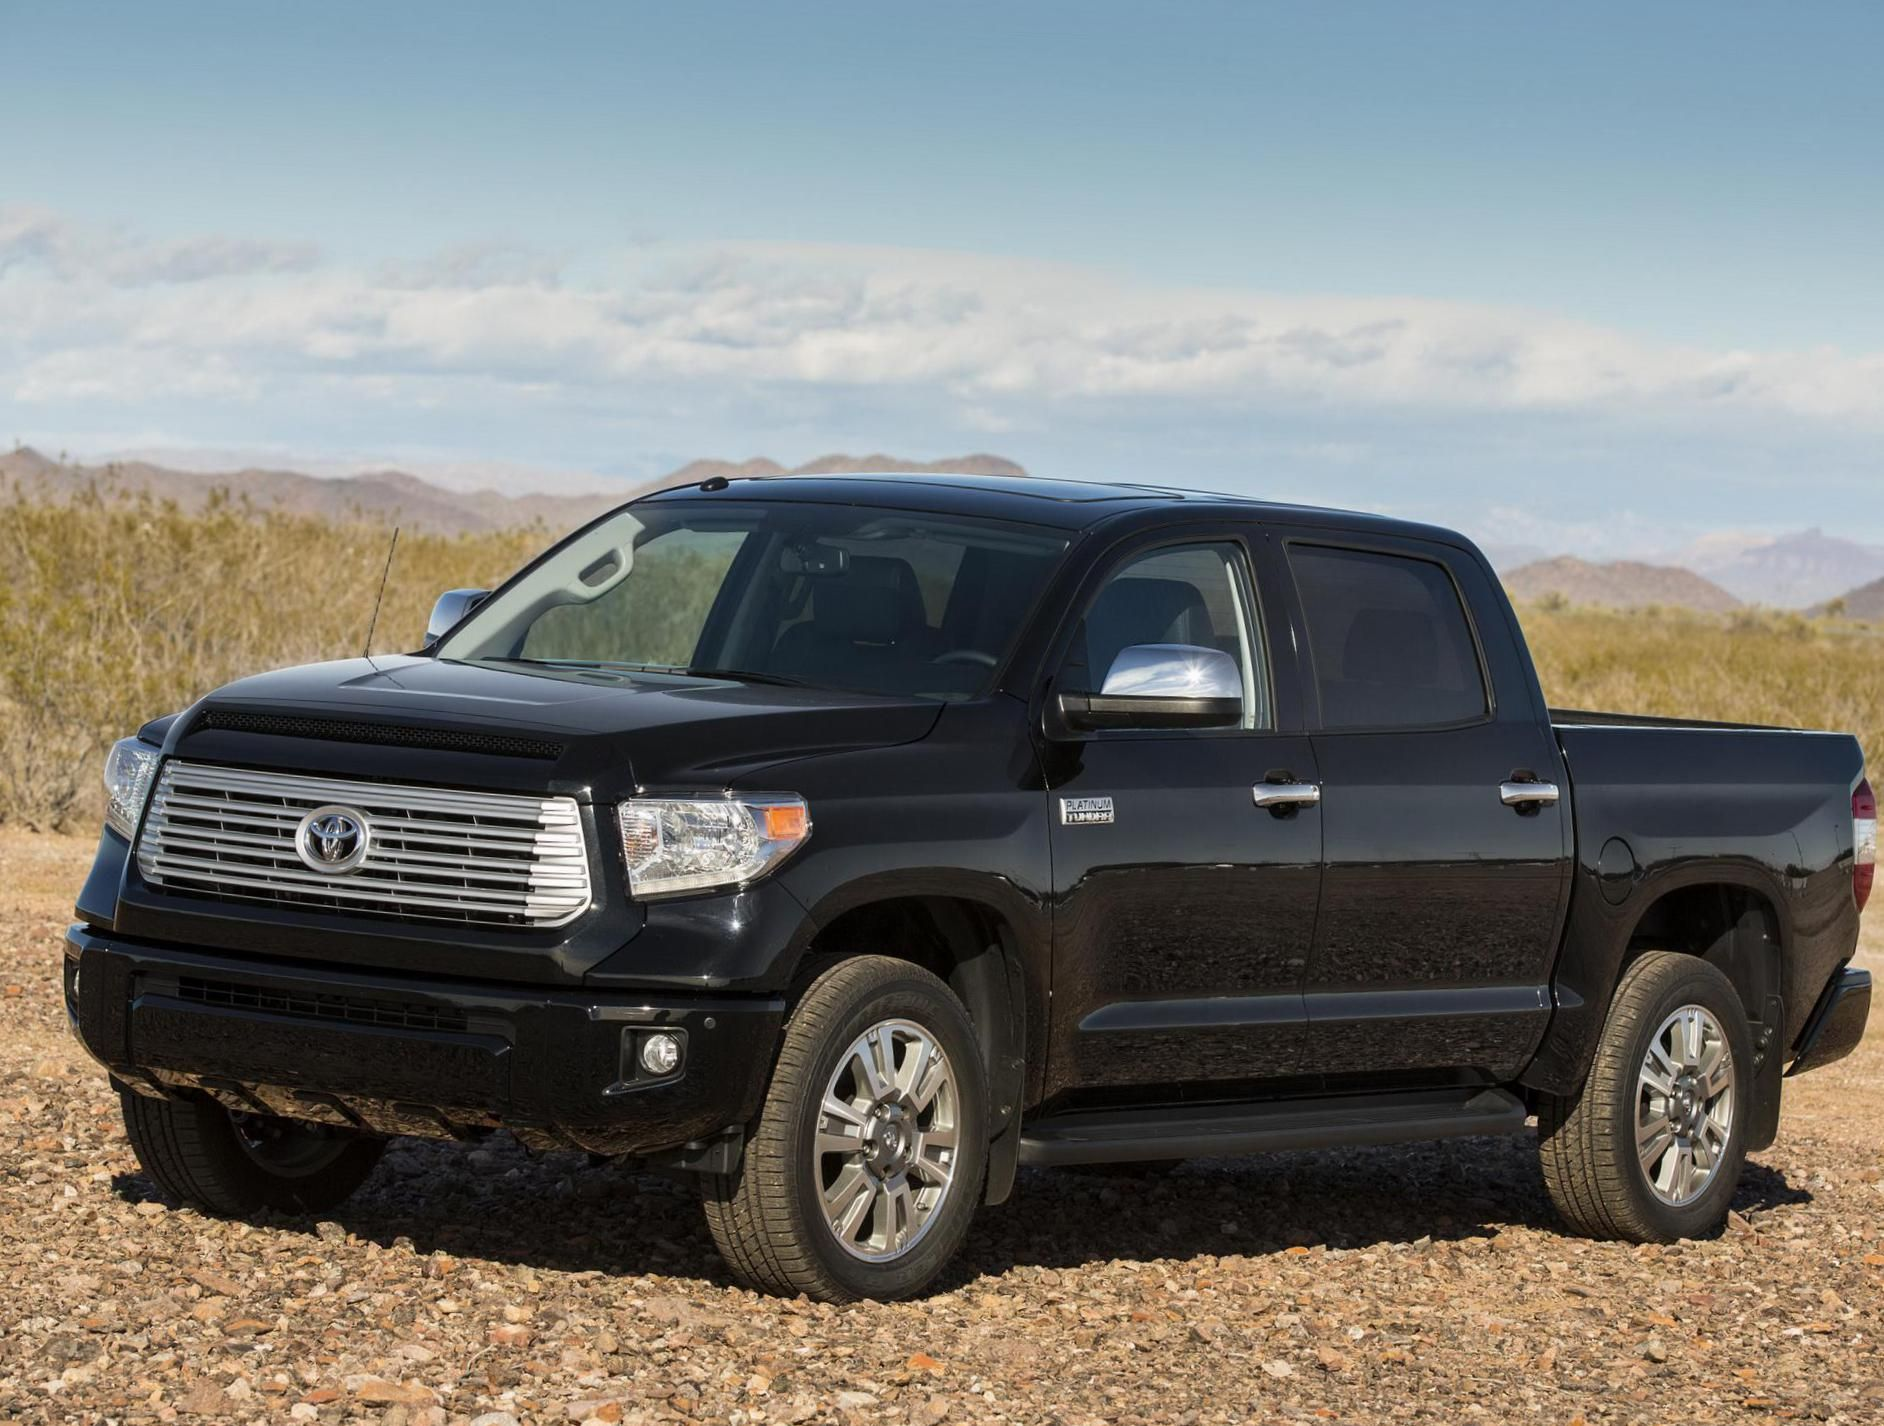 Toyota Tundra CrewMax Photos and Specs. Photo Tundra